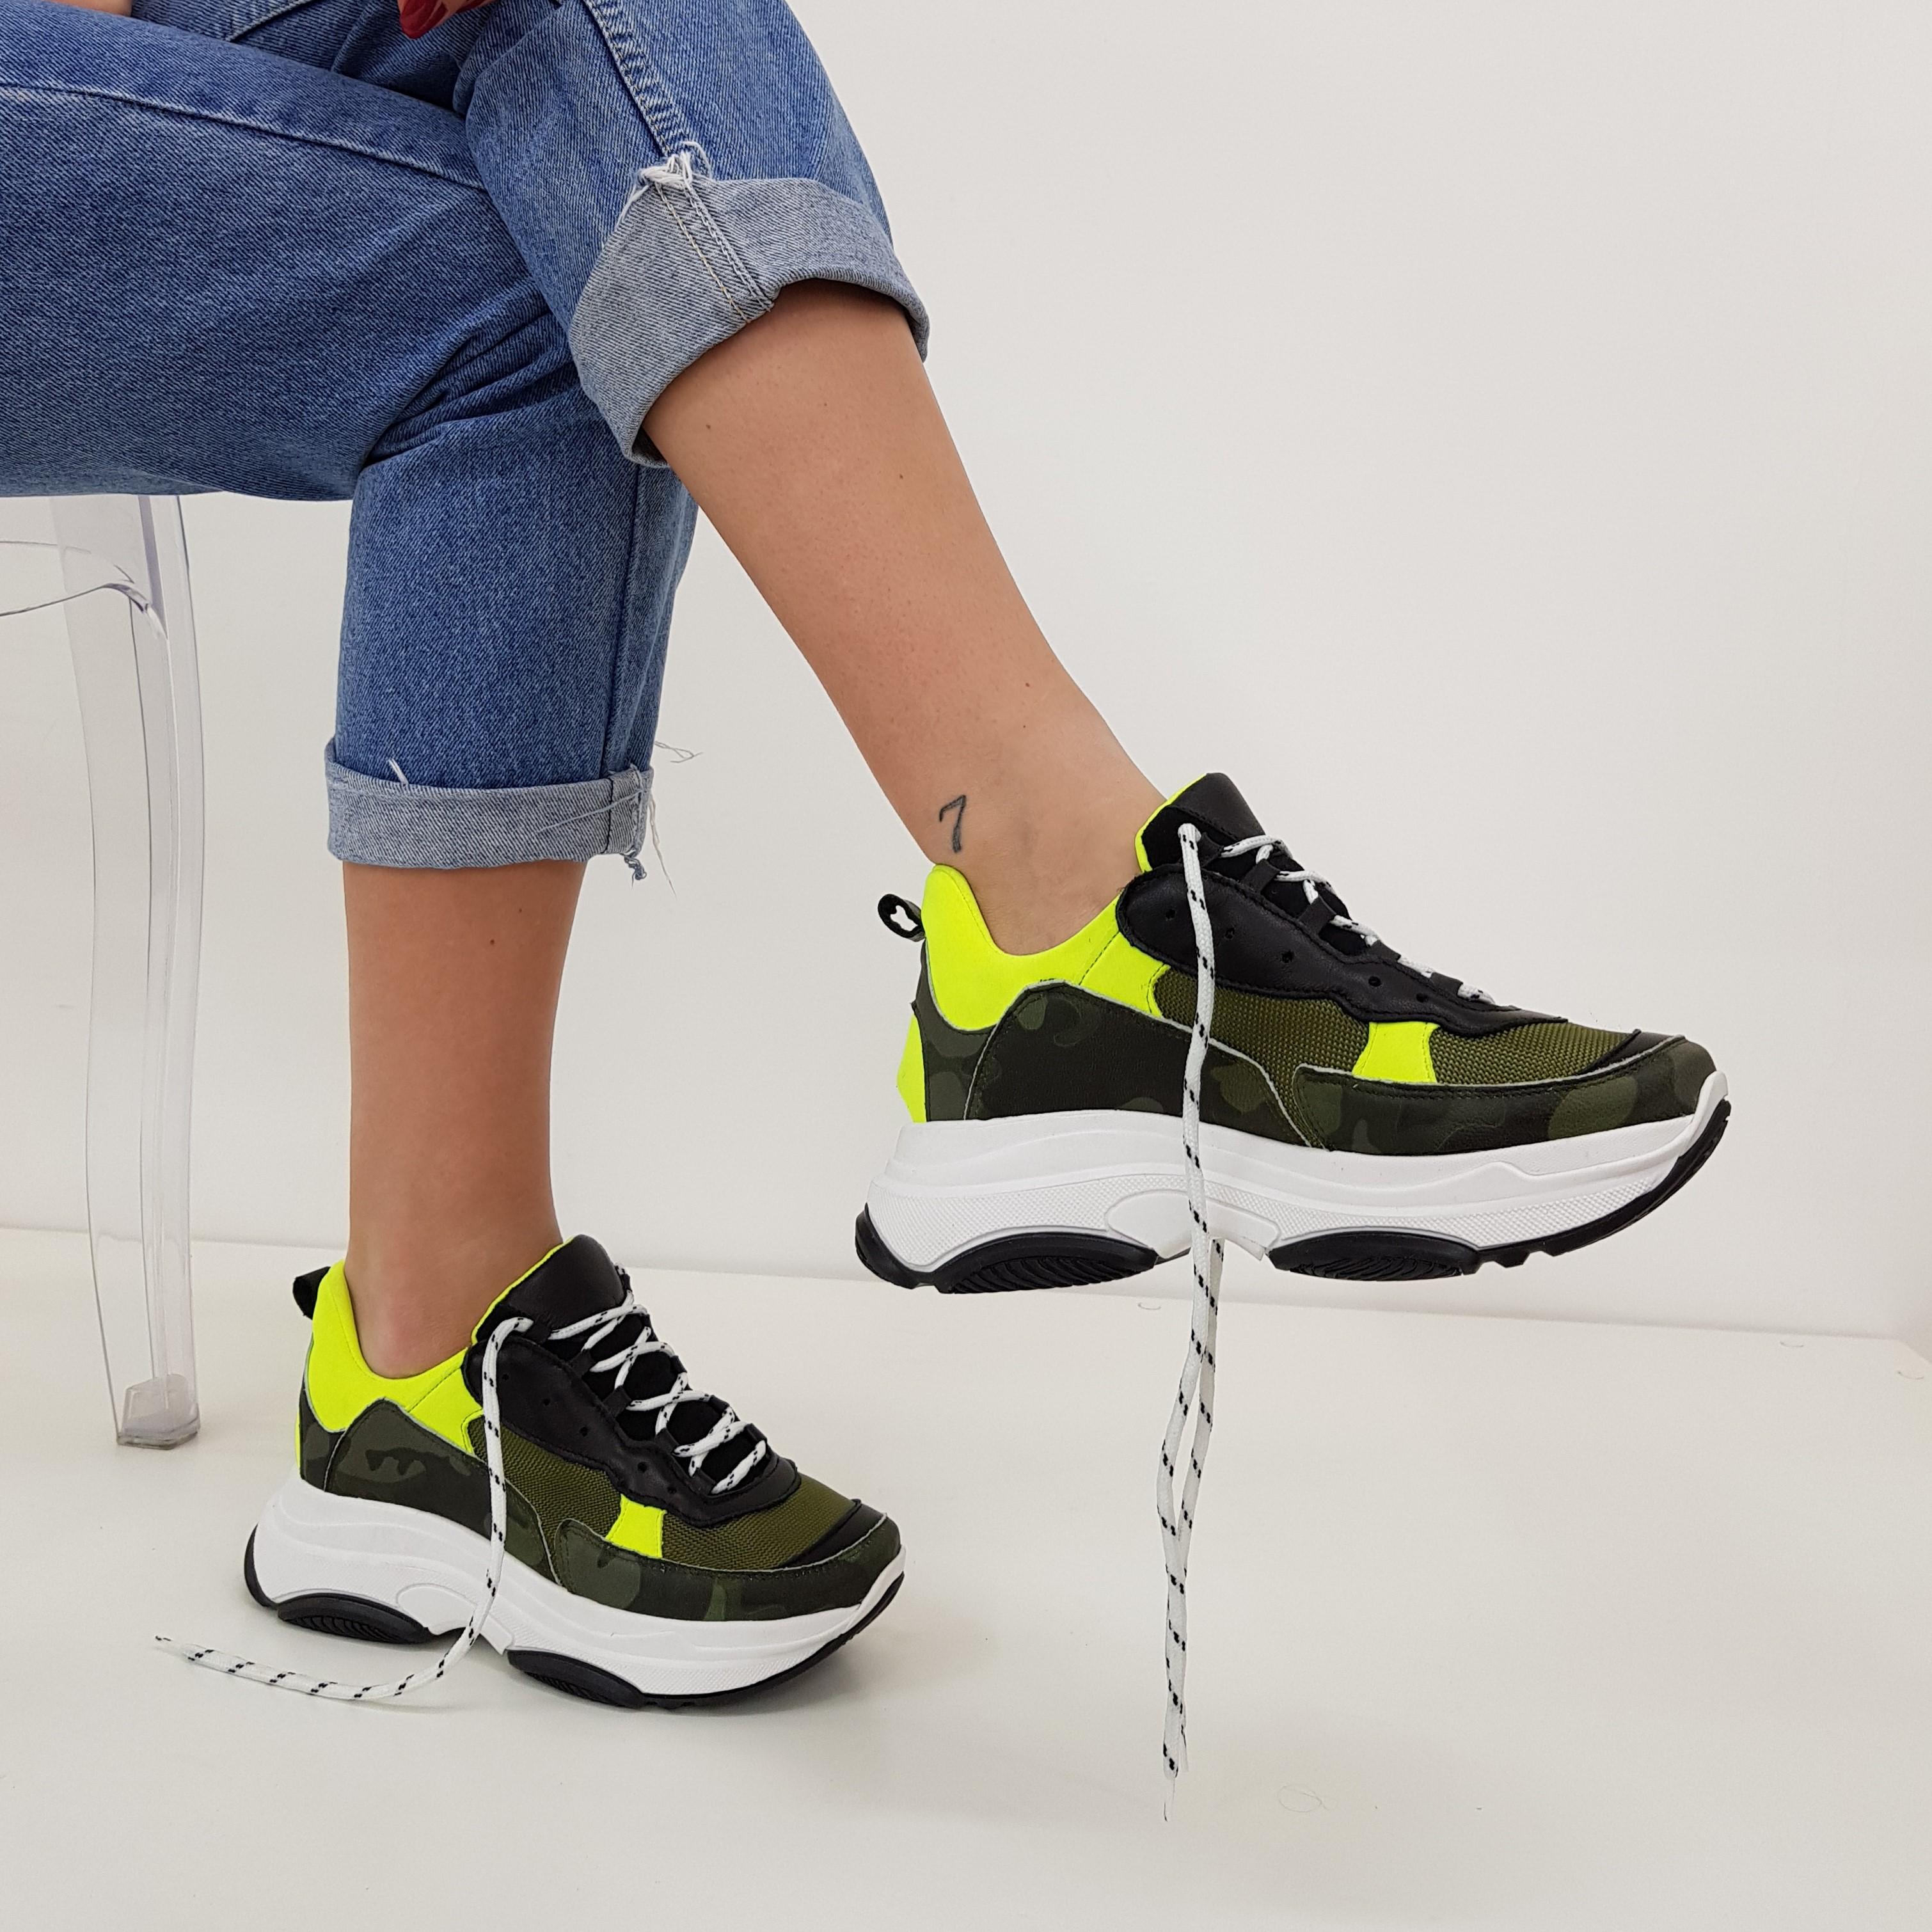 Sneakers lacci mimetico e giallo kent1 - Lia diva scarpe ...